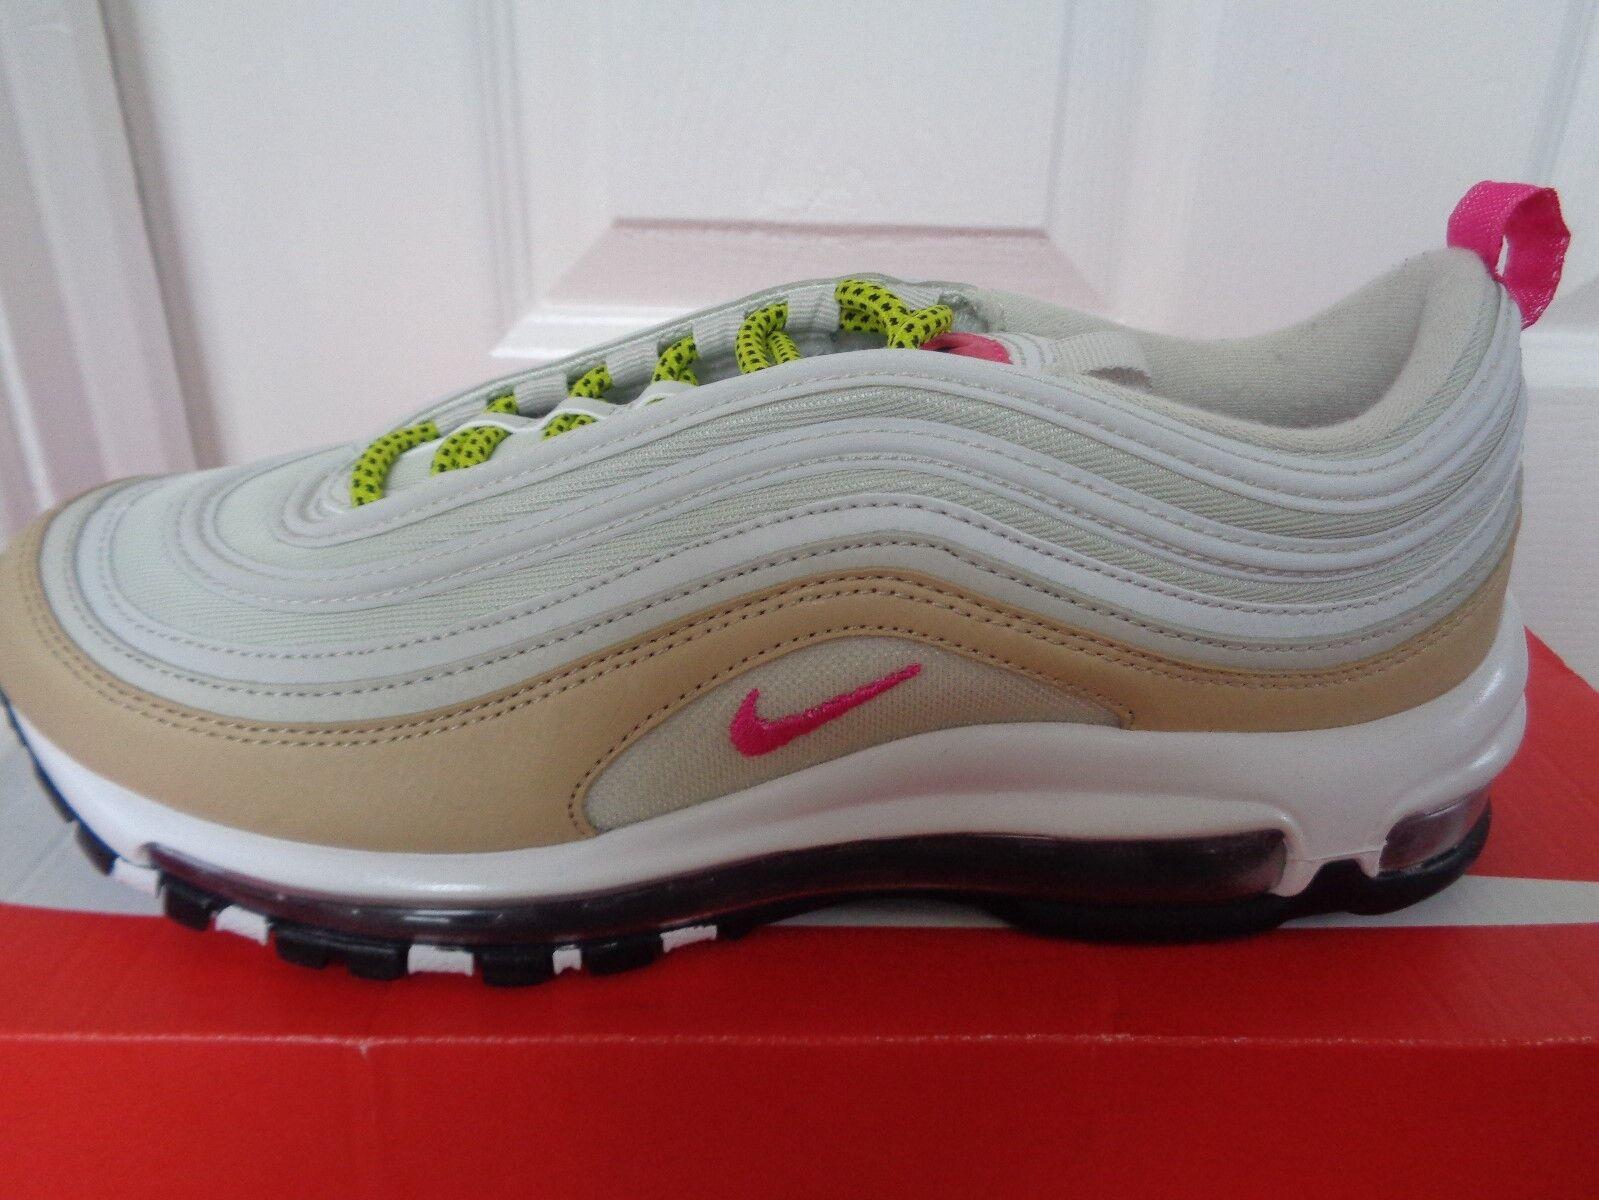 Nike AIR MAX da 97 Scarpe da ginnastica da MAX donna 921733 004 EU 40.5 US 9 Nuovo + Scatola c80298